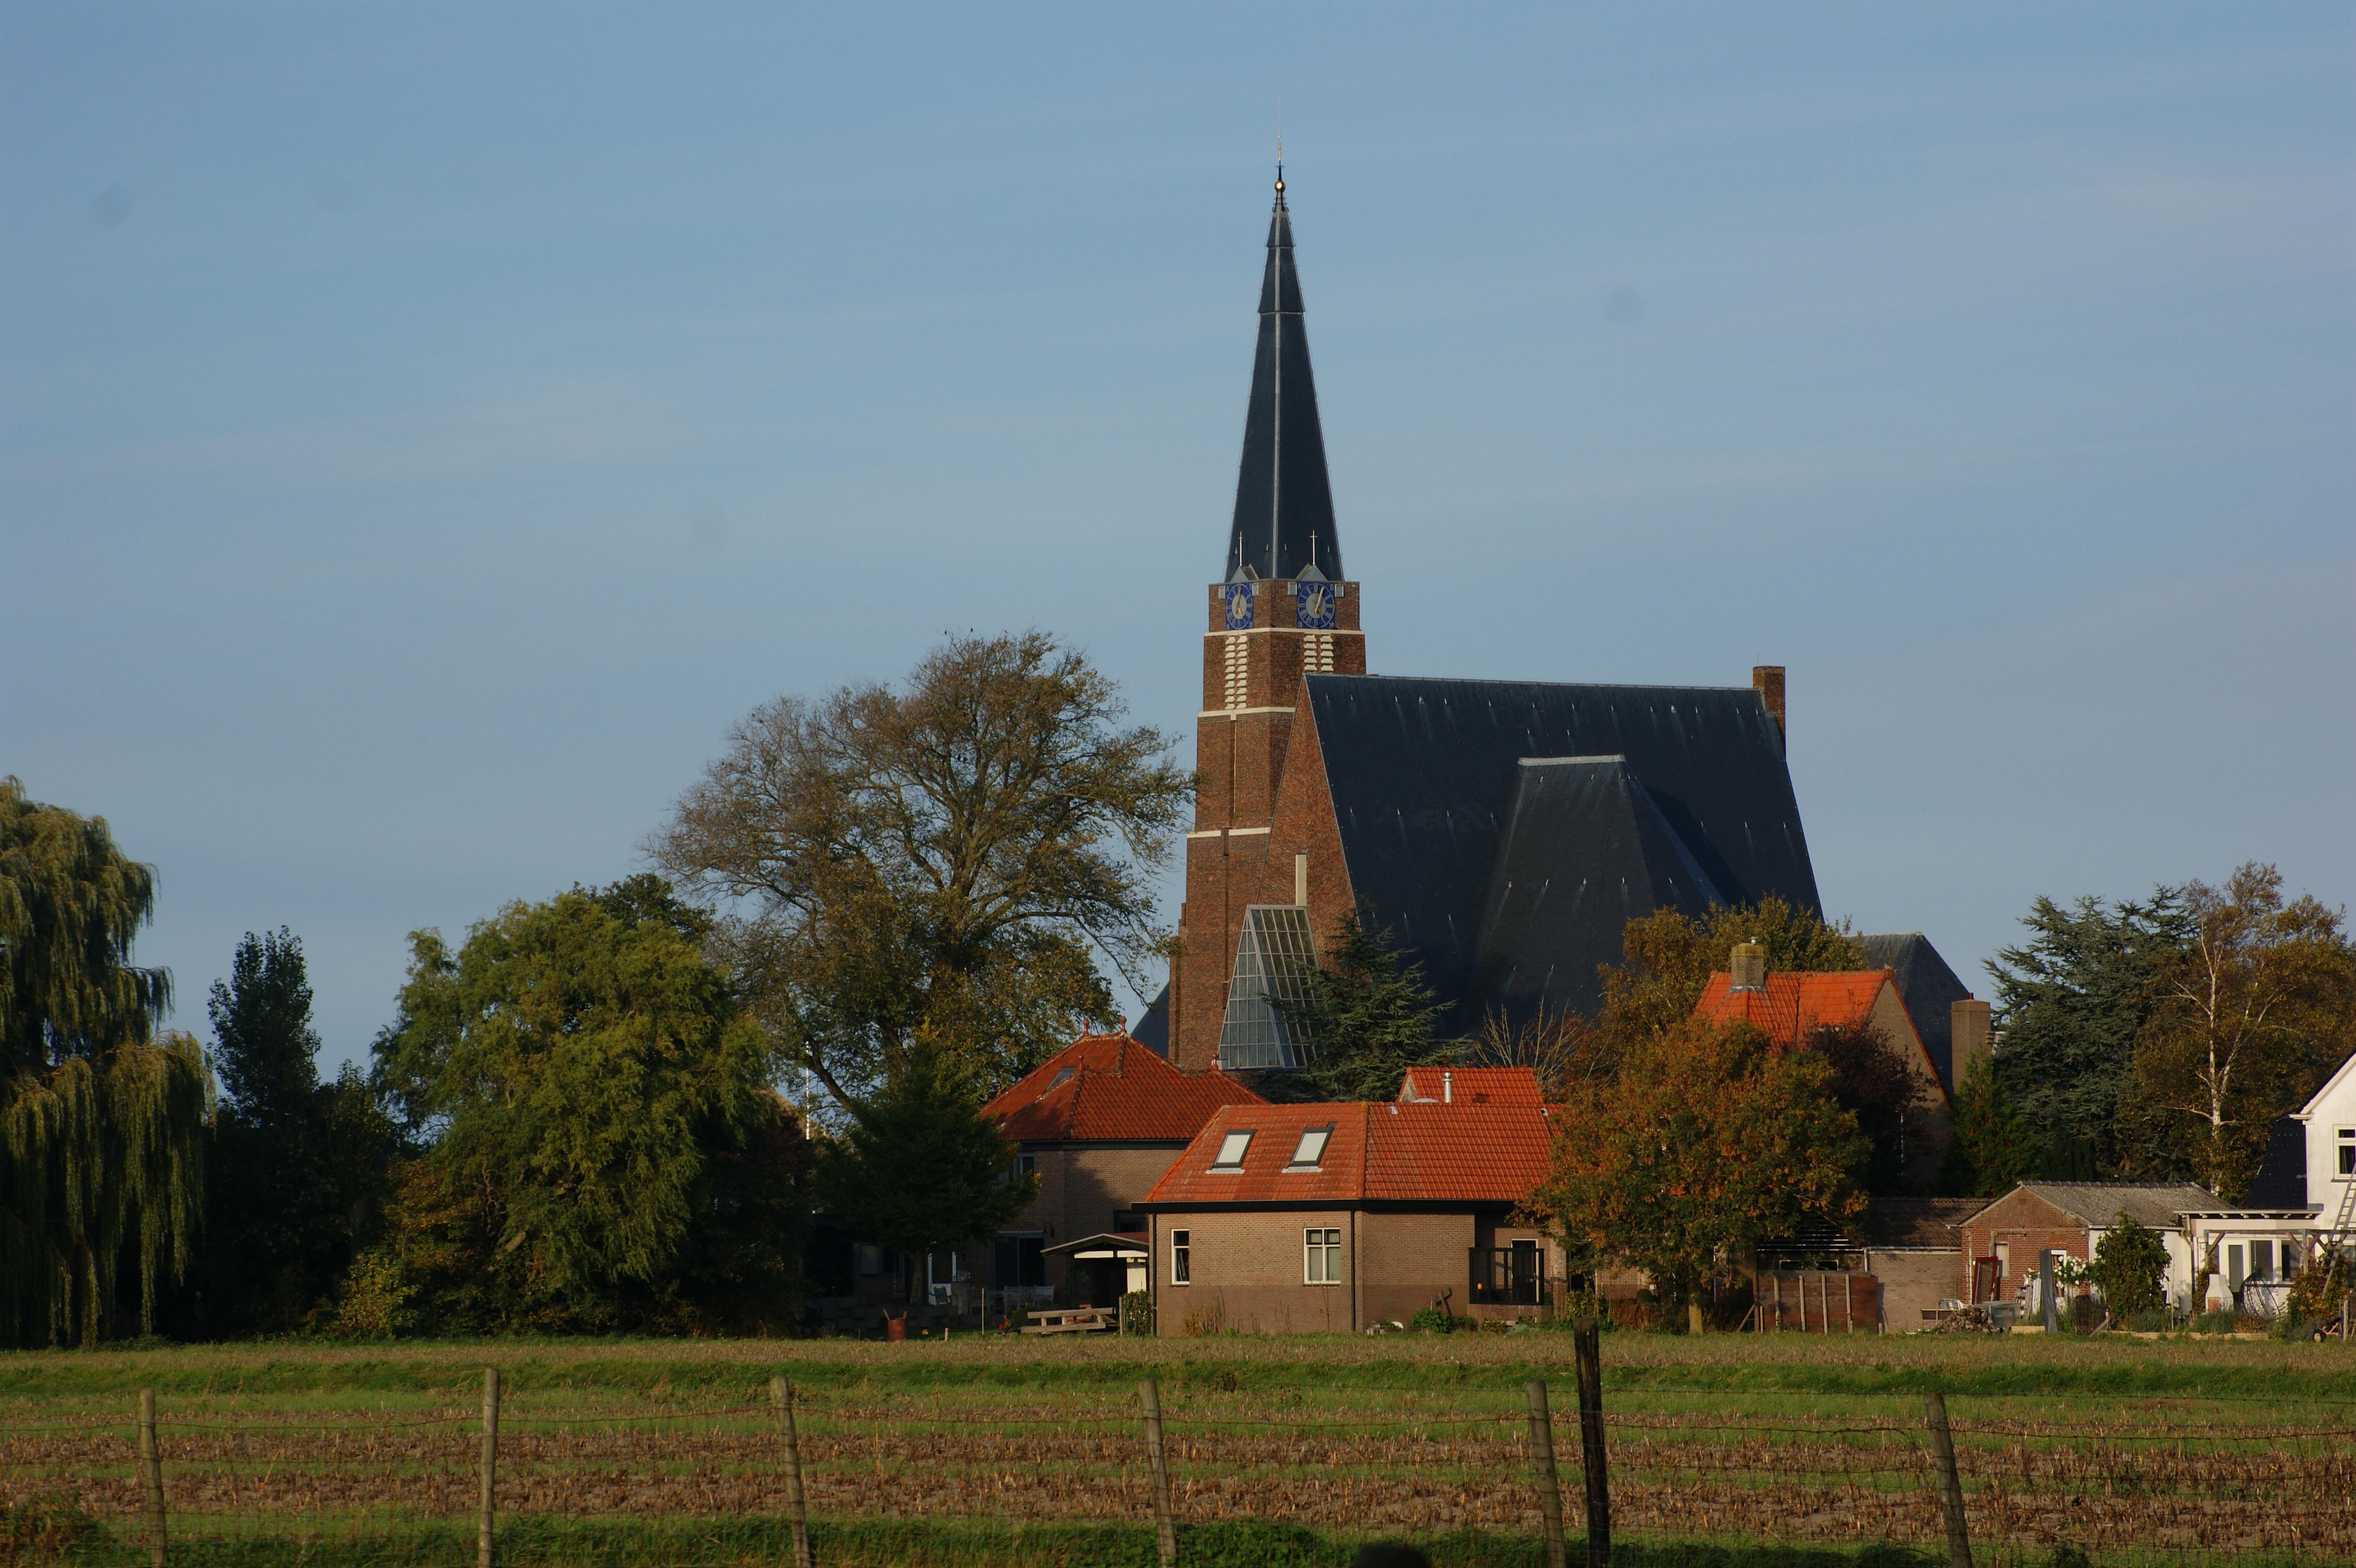 Kerkdiensten rondom Pasen | Gereformeerde kerk van Andijk - foto (c) CAPAND